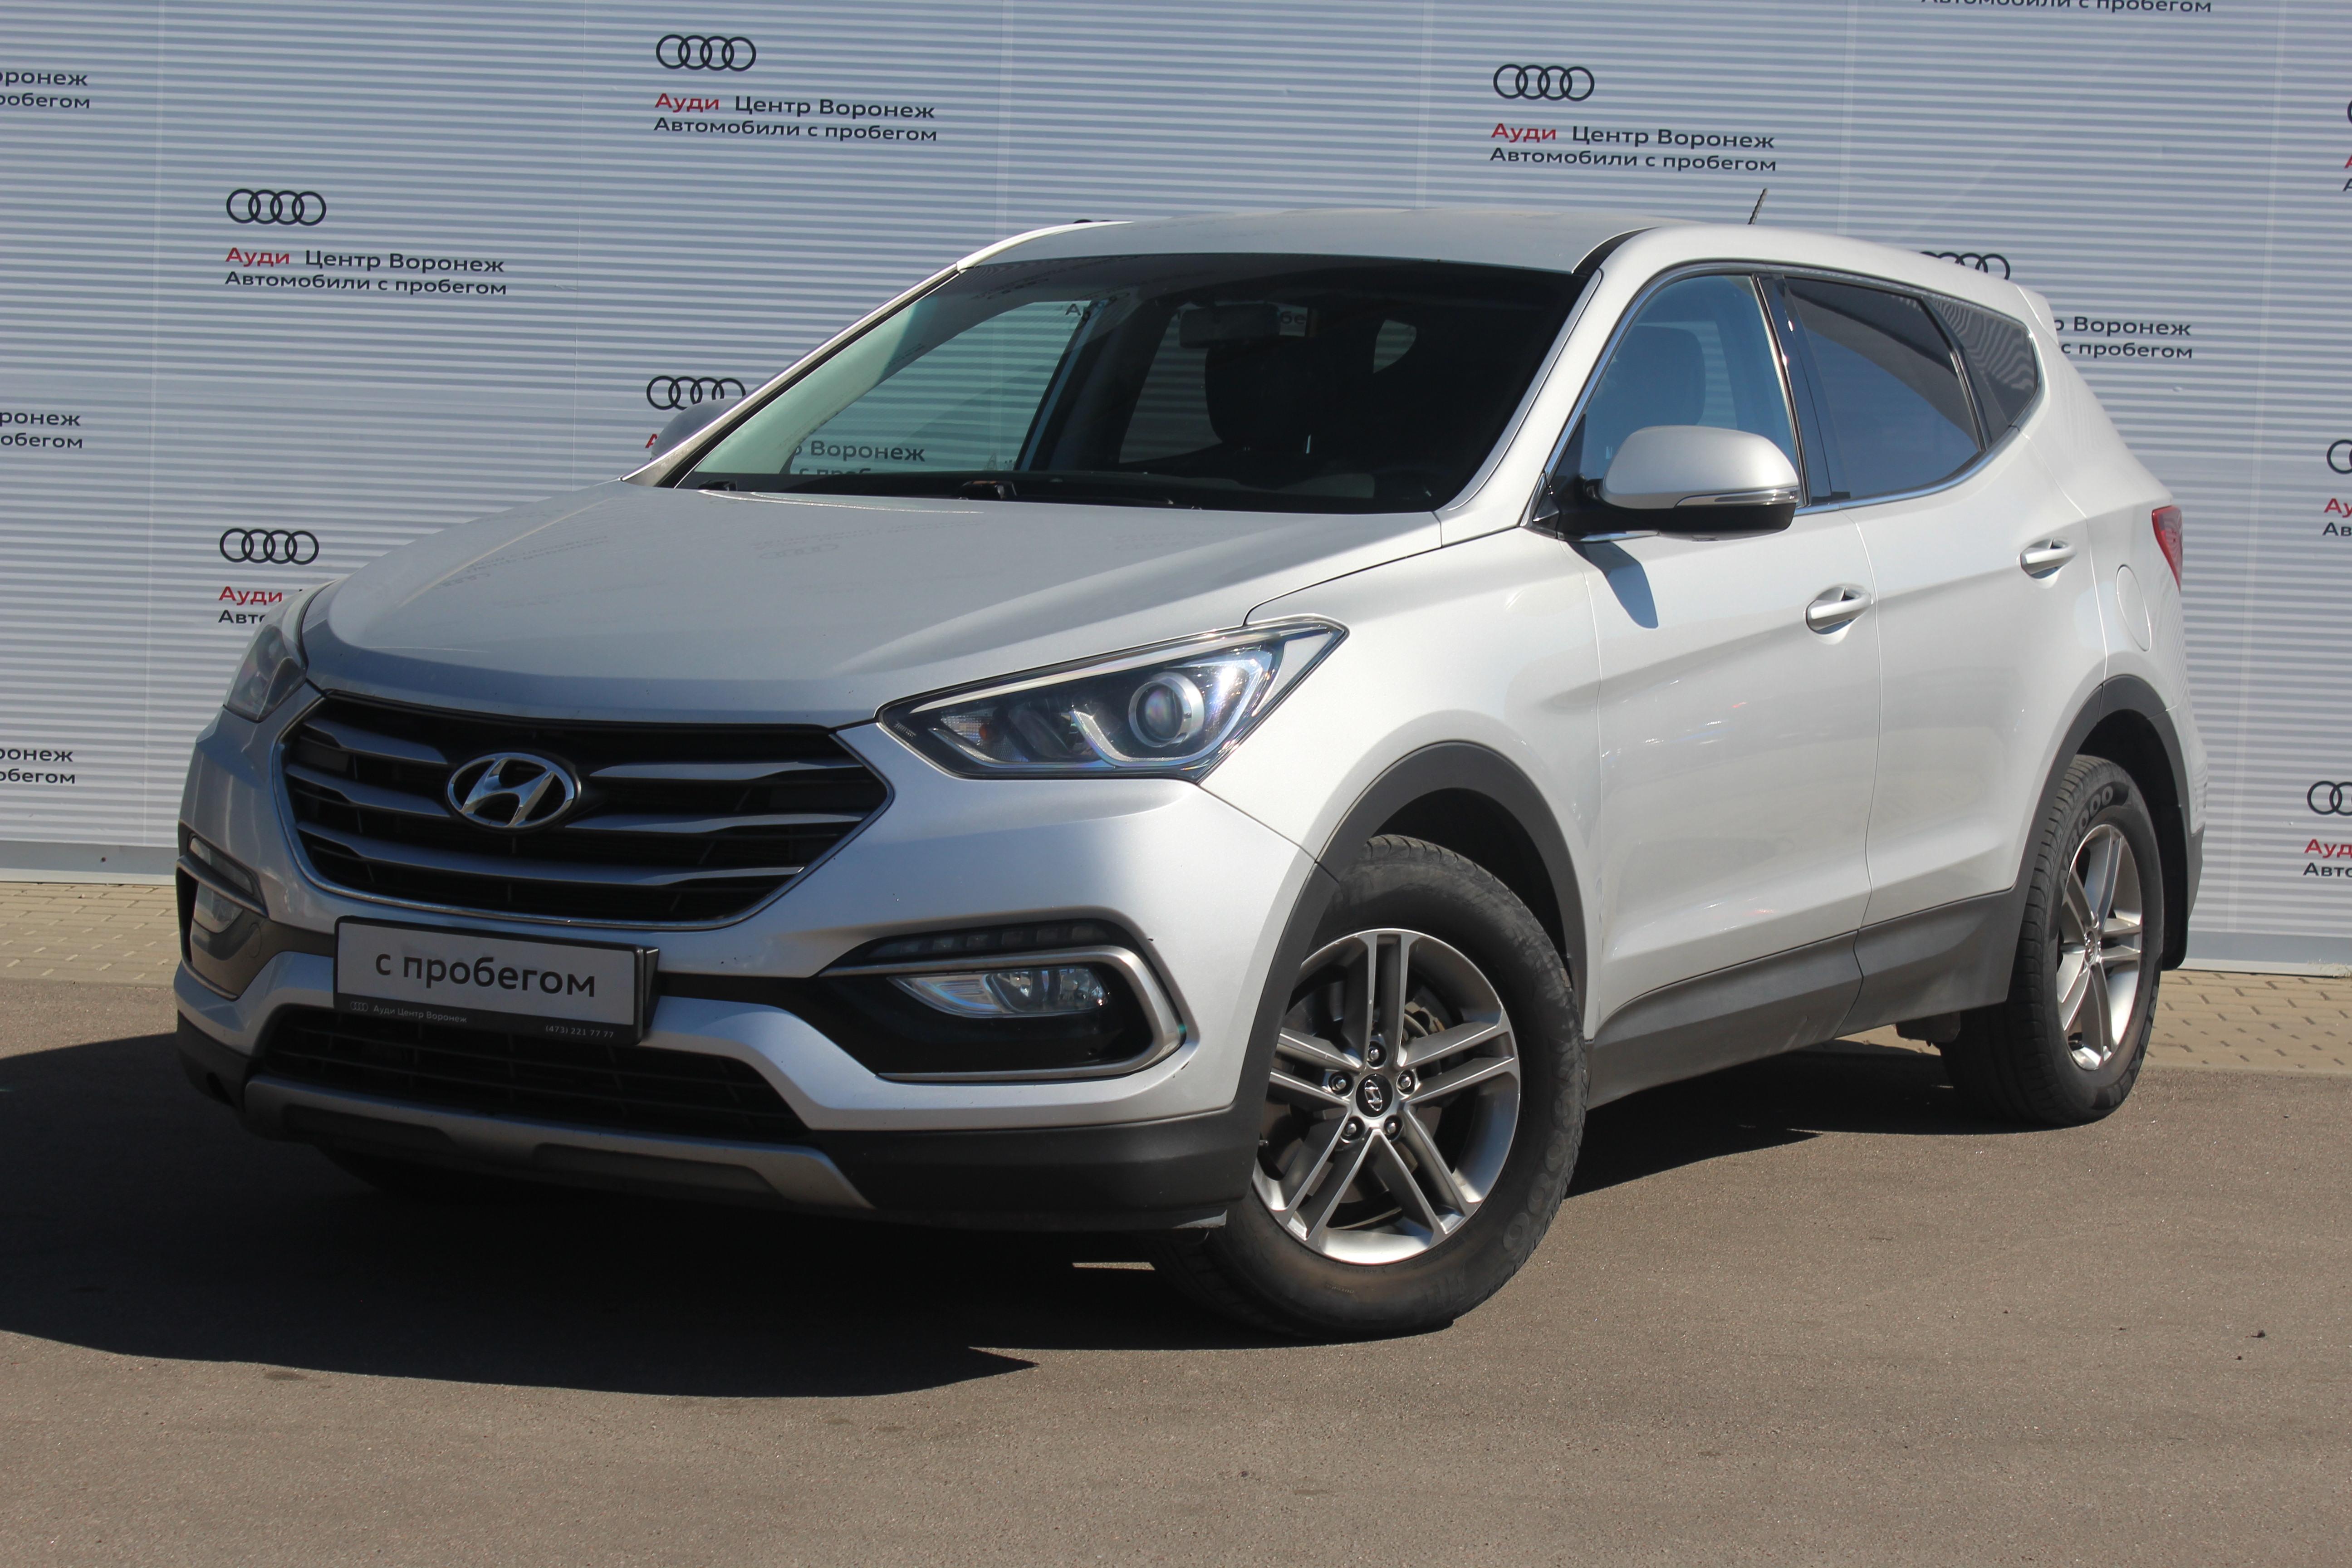 Hyundai Santa Fe Внедорожник (2016г.)